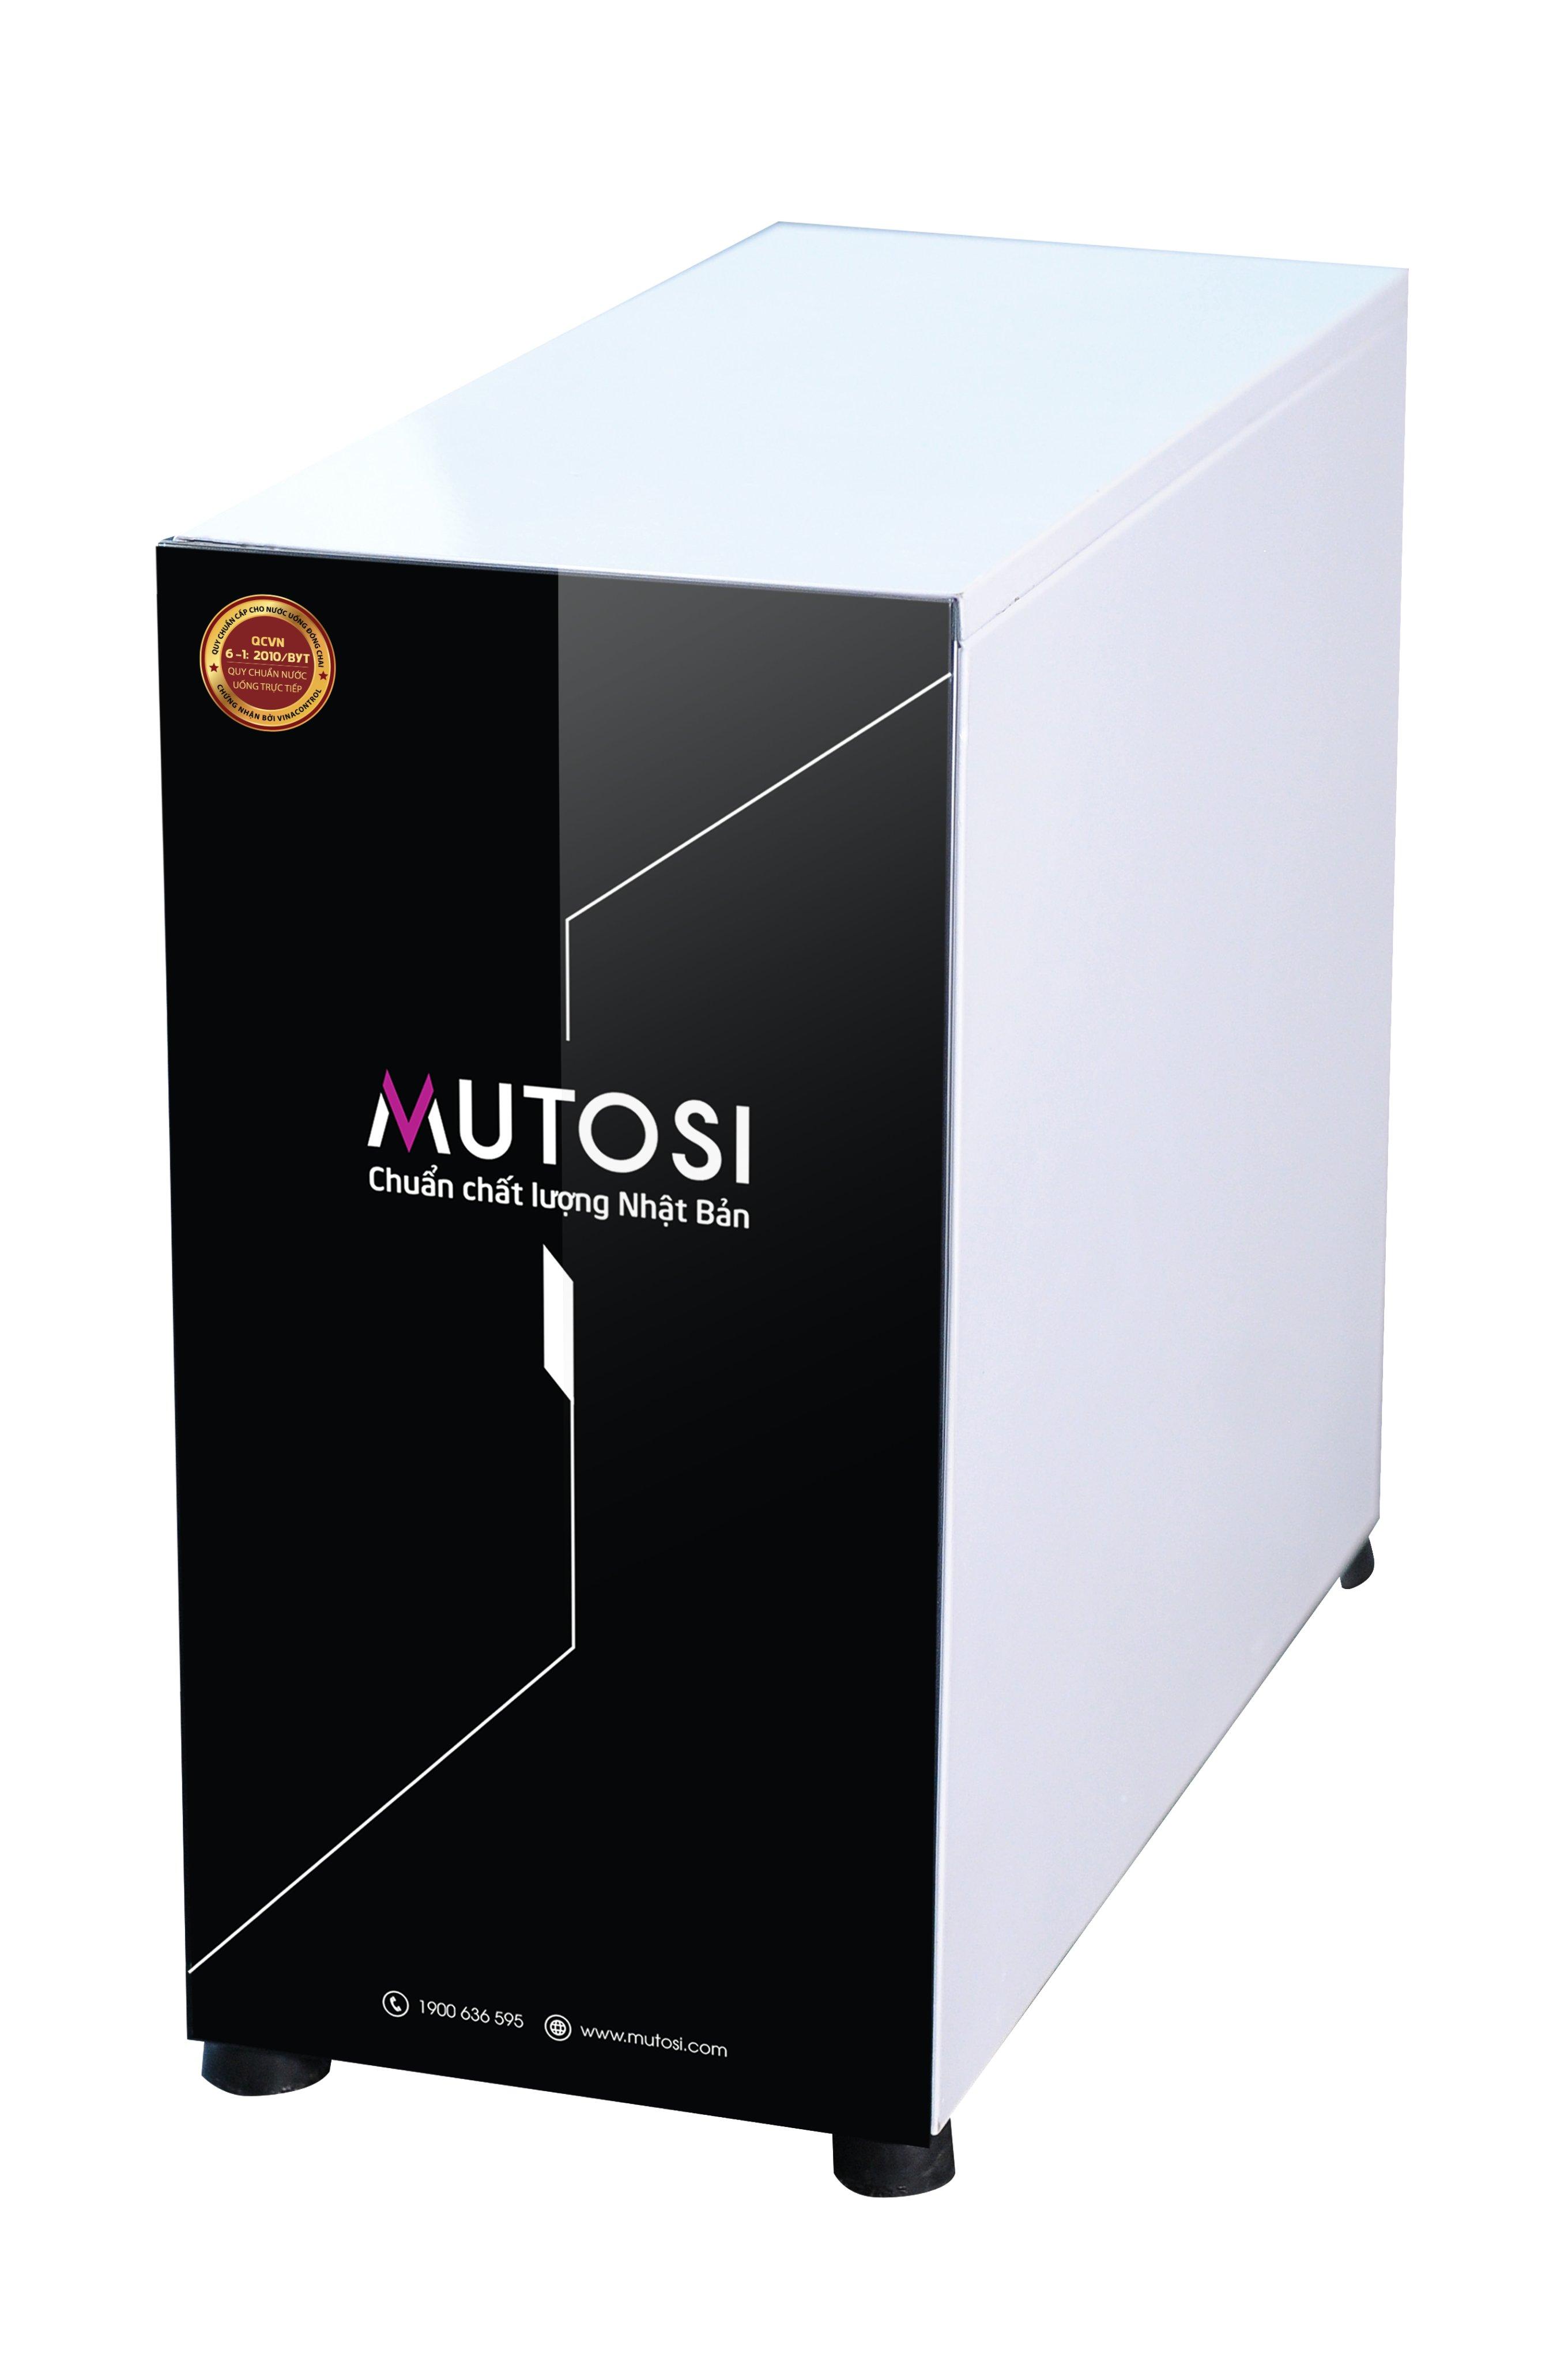 Máy lọc nước RO Mutosi MP-390U để gầm nhỏ gọn, 9 cấp lọc, công suất 20L/h - Hàng chính hãng